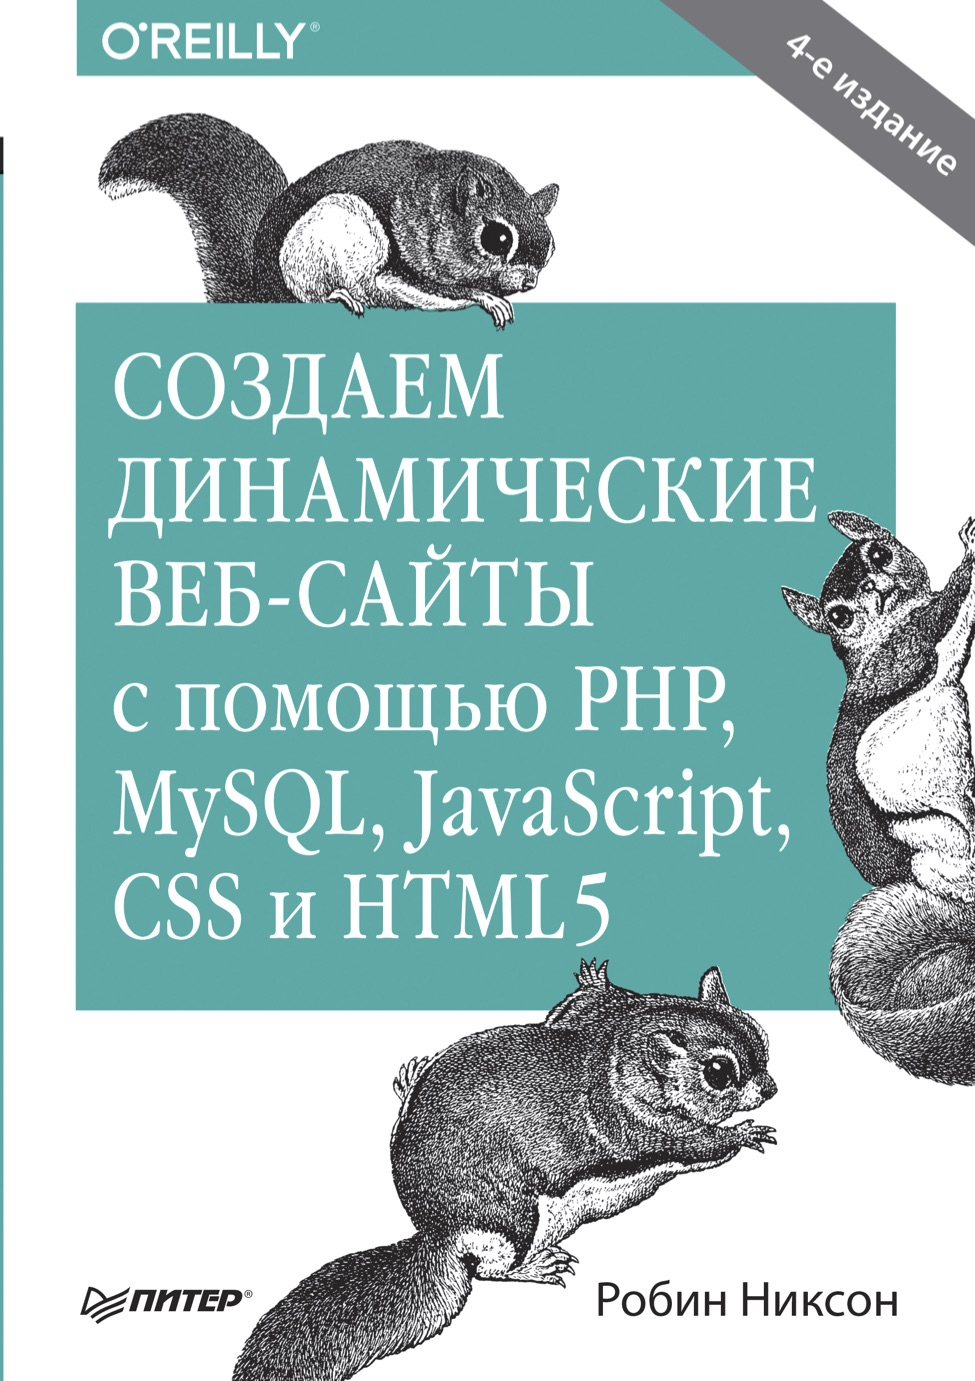 Создаем динамические веб-сайты не без; через PHP, MySQL, JavaScript, CSS да HTML5